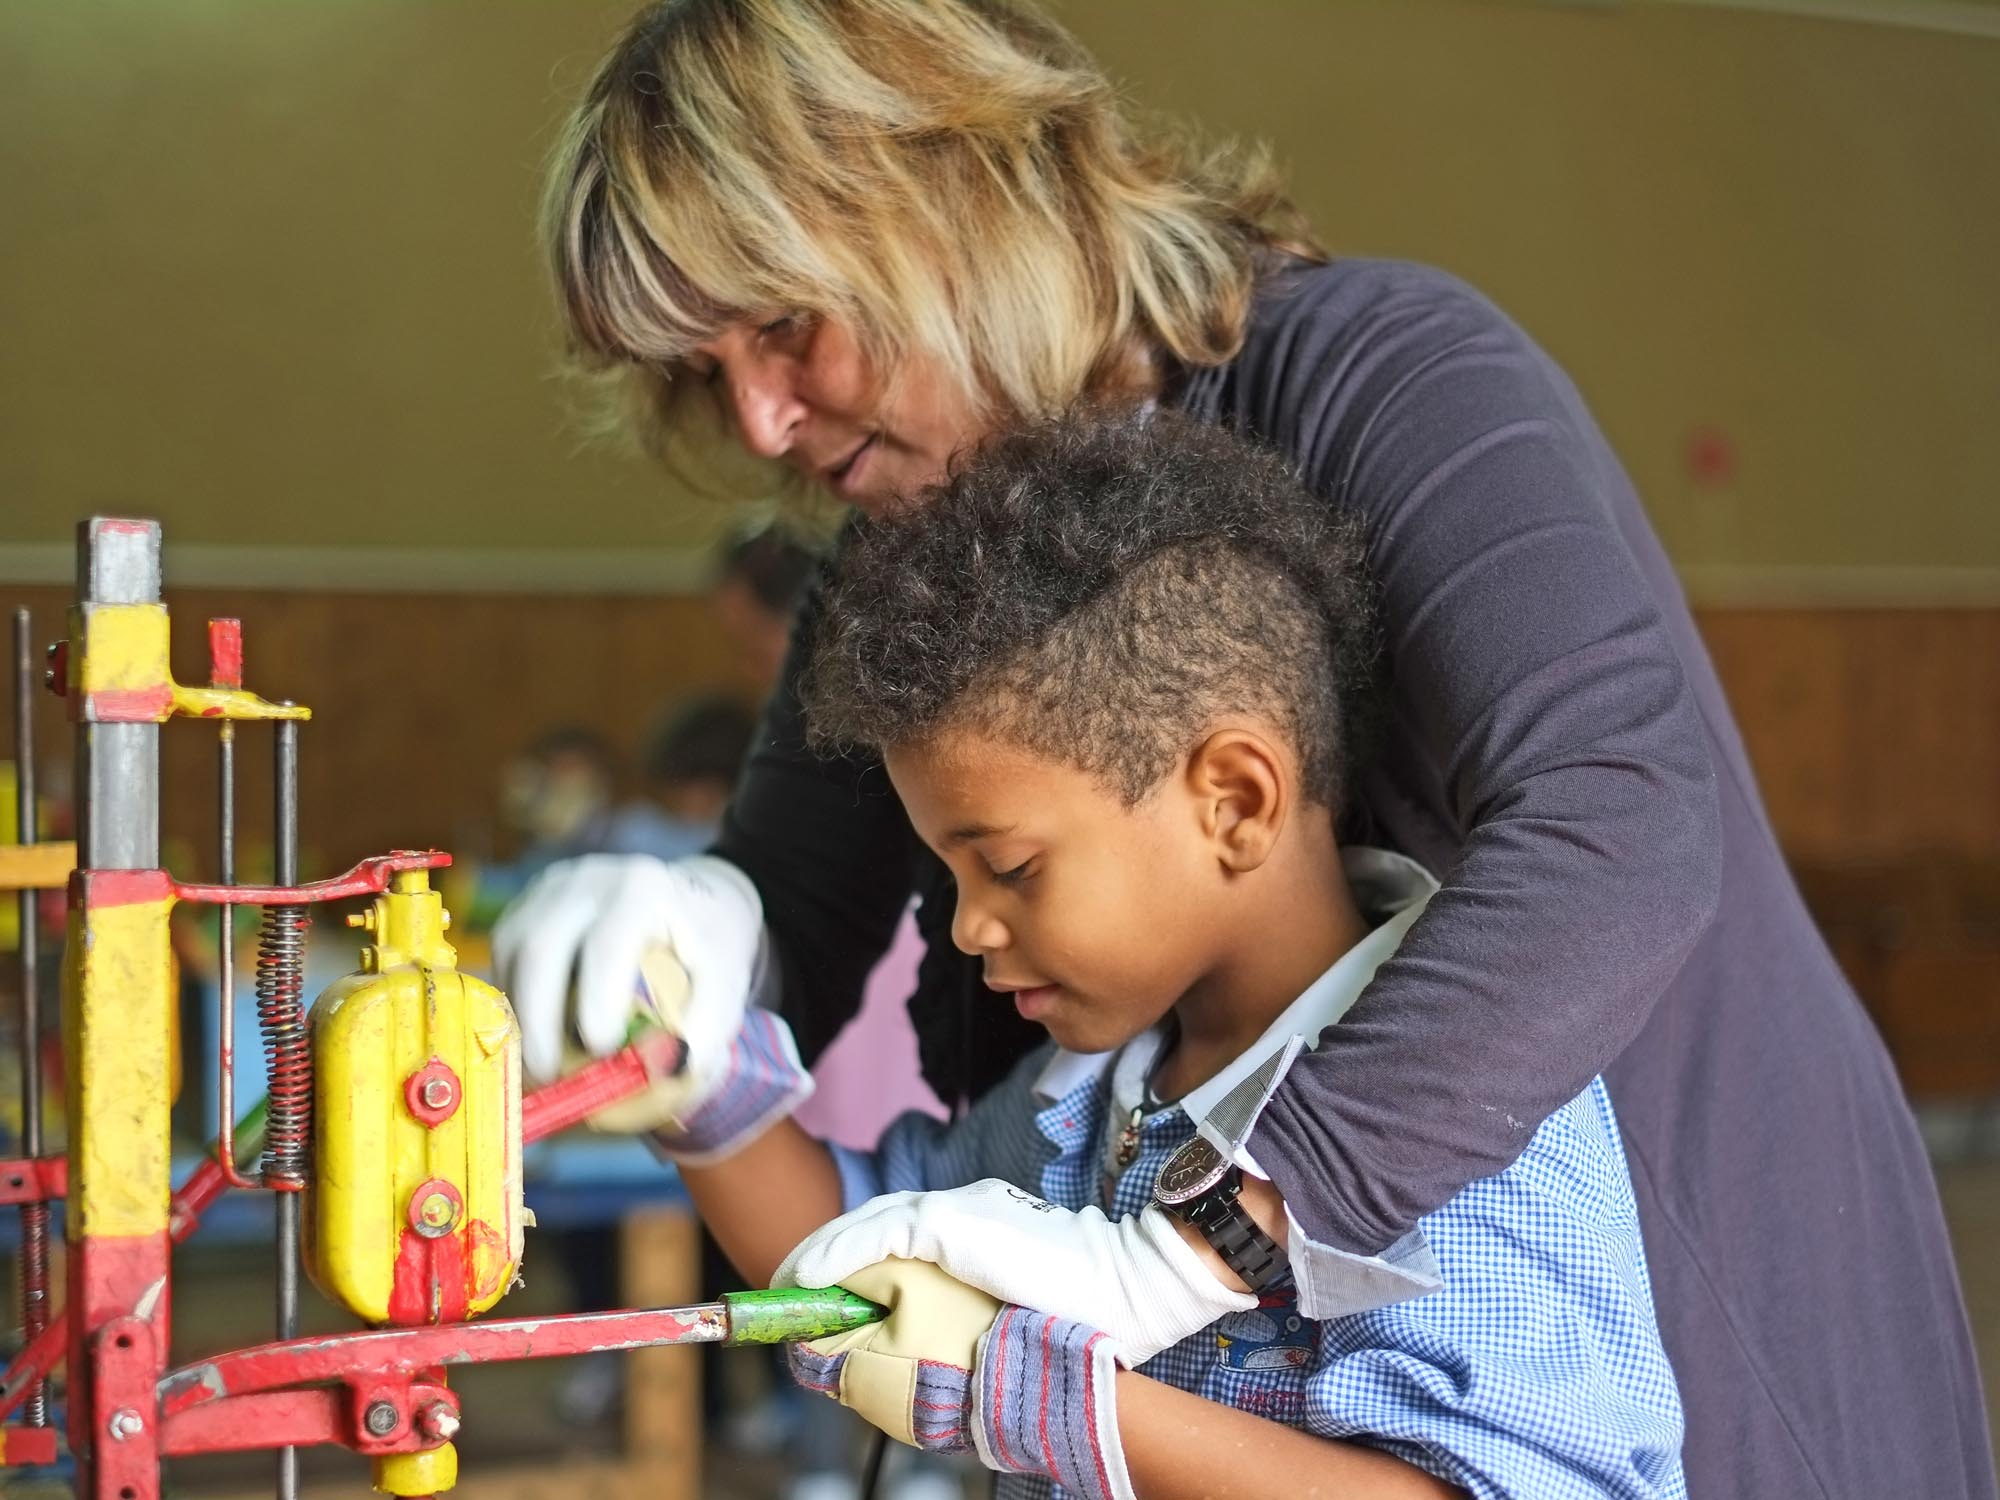 0171 Laboratorio creativo bambini ragazzi - Laboratori per bambini e assistenza Auser